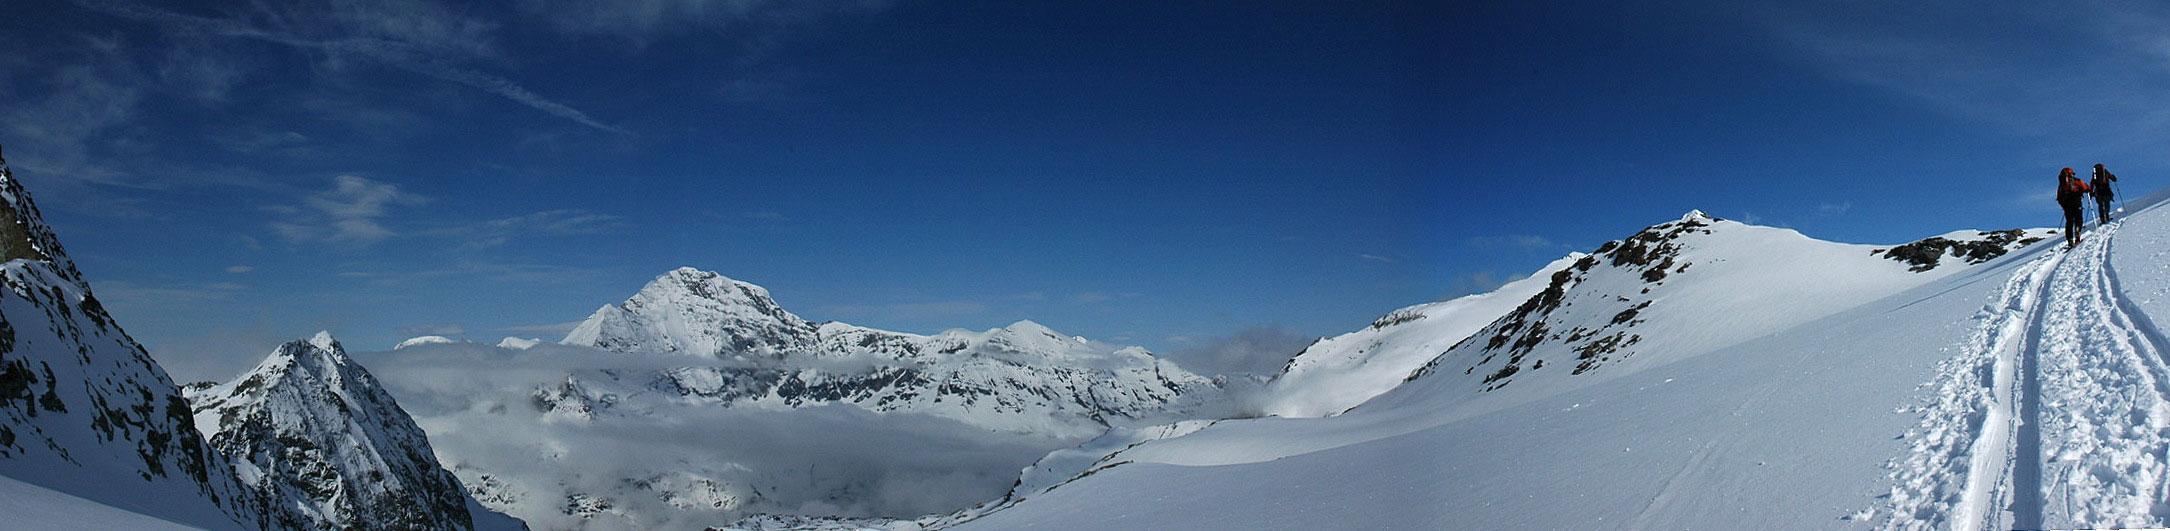 Pigne Arolla, Day 5 H.R. Chamonix-Zermatt Walliser Alpen / Alpes valaisannes Schweiz panorama 53